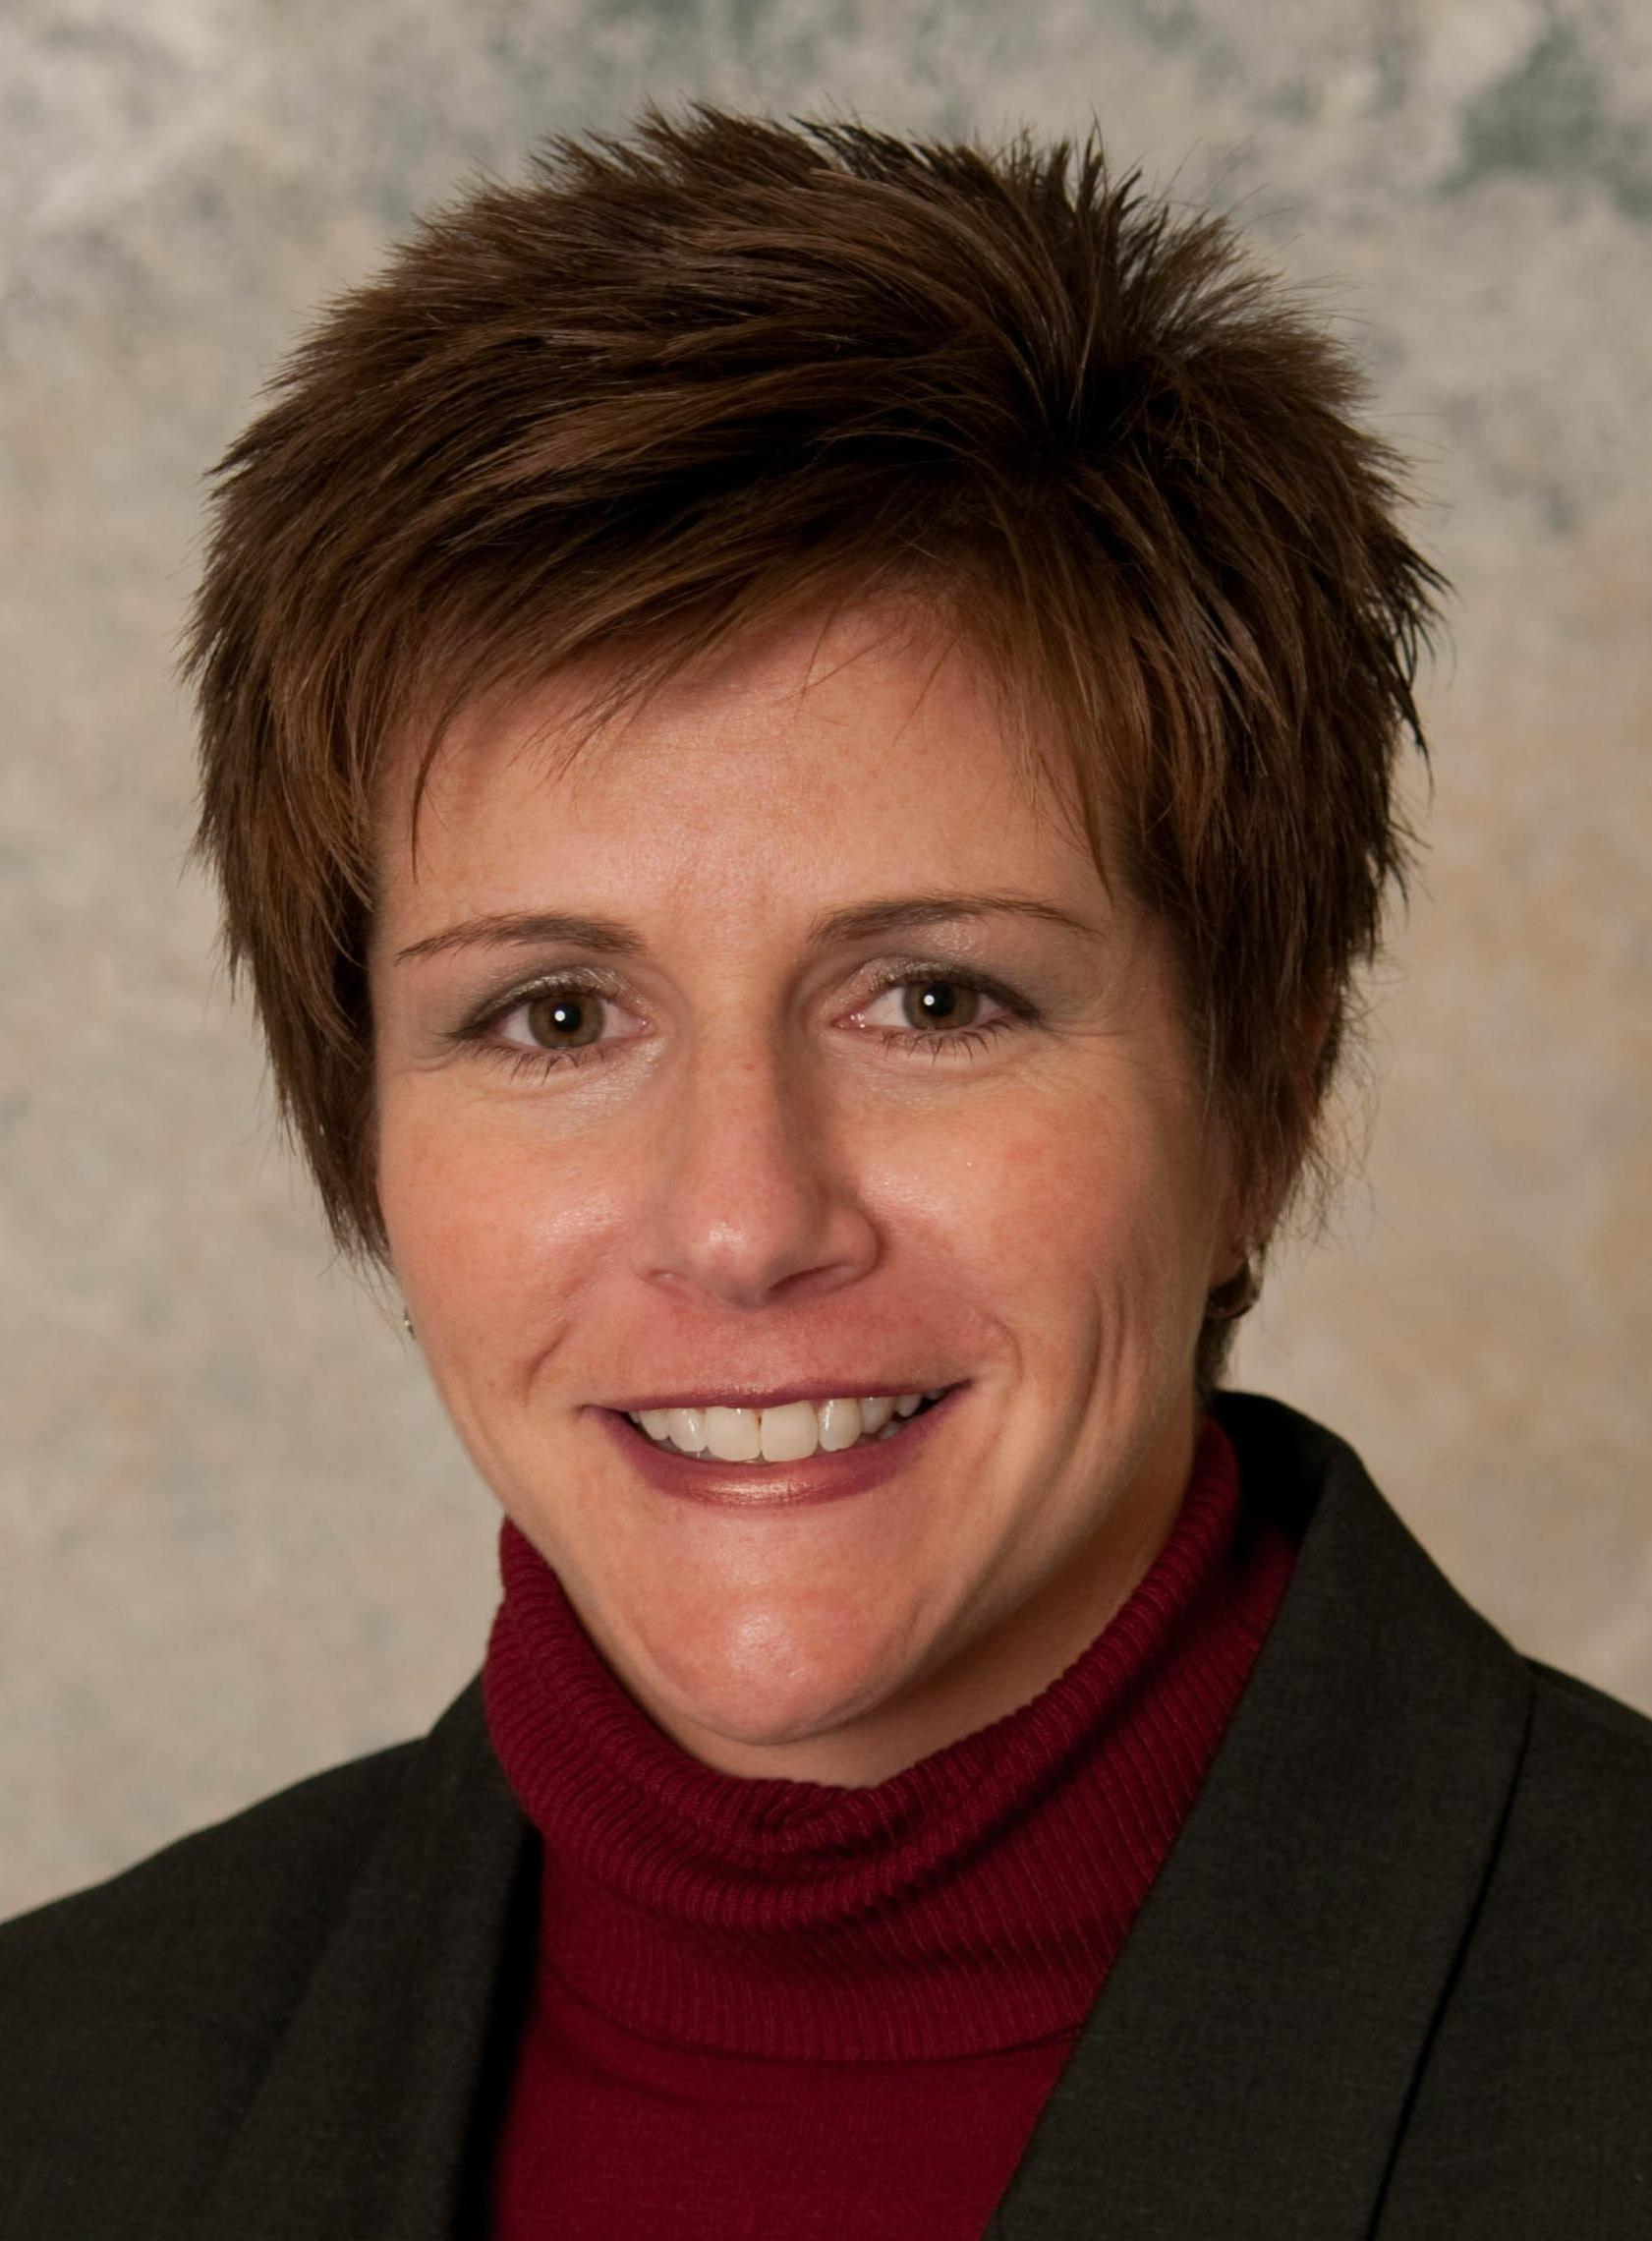 Amy Alferman